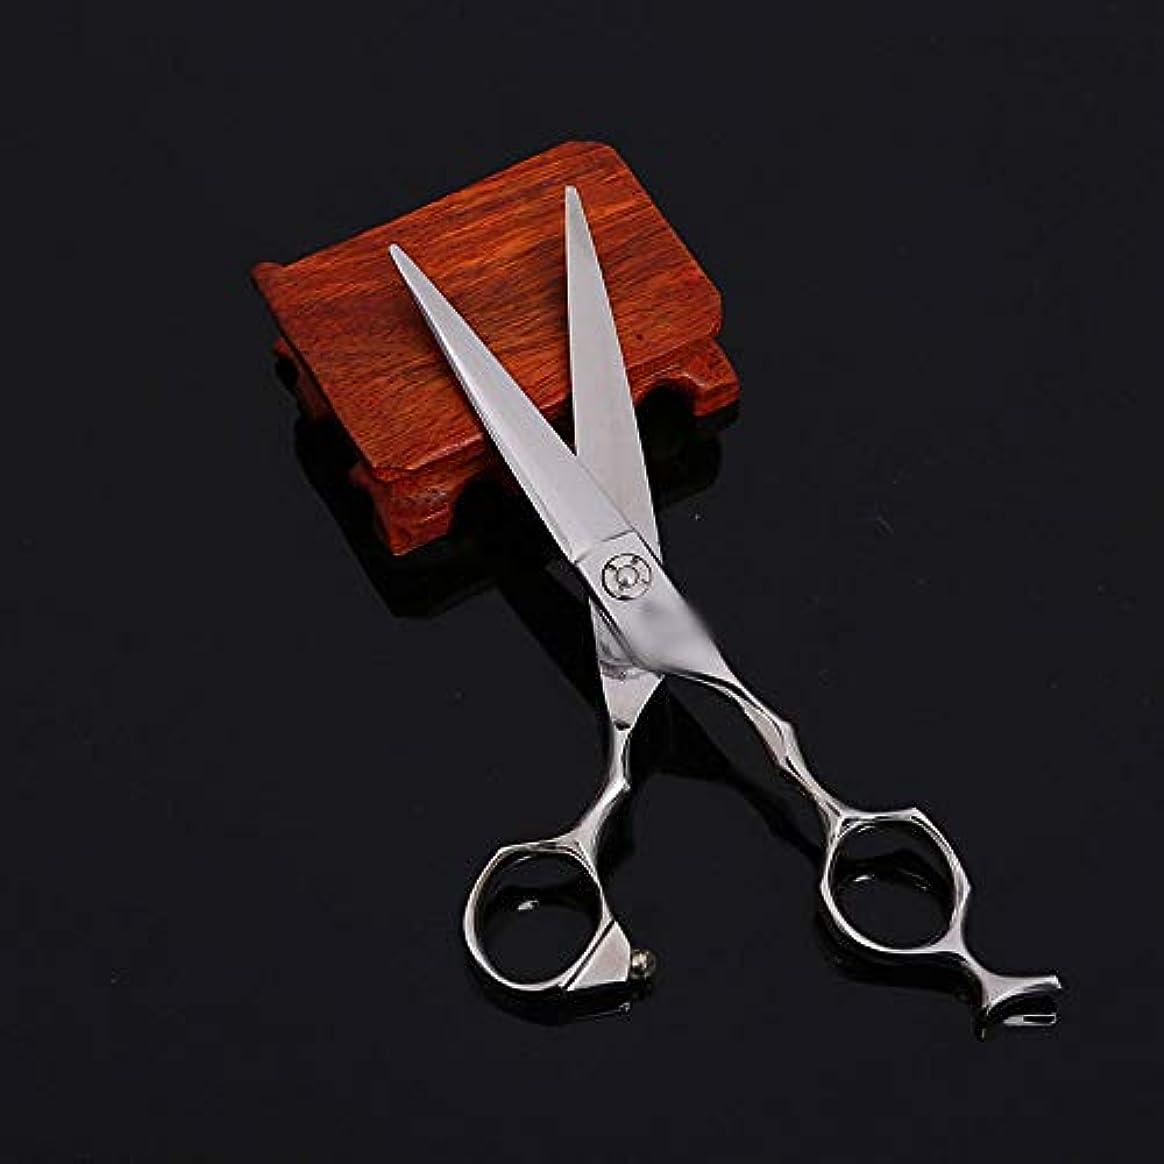 人事対抗オールWASAIO プロフェッショナル理容サロンレイザーエッジツールヘアカットはさみ間伐歯のはさみセットの理髪テクスチャーシザーマット?6インチ (色 : Silver)